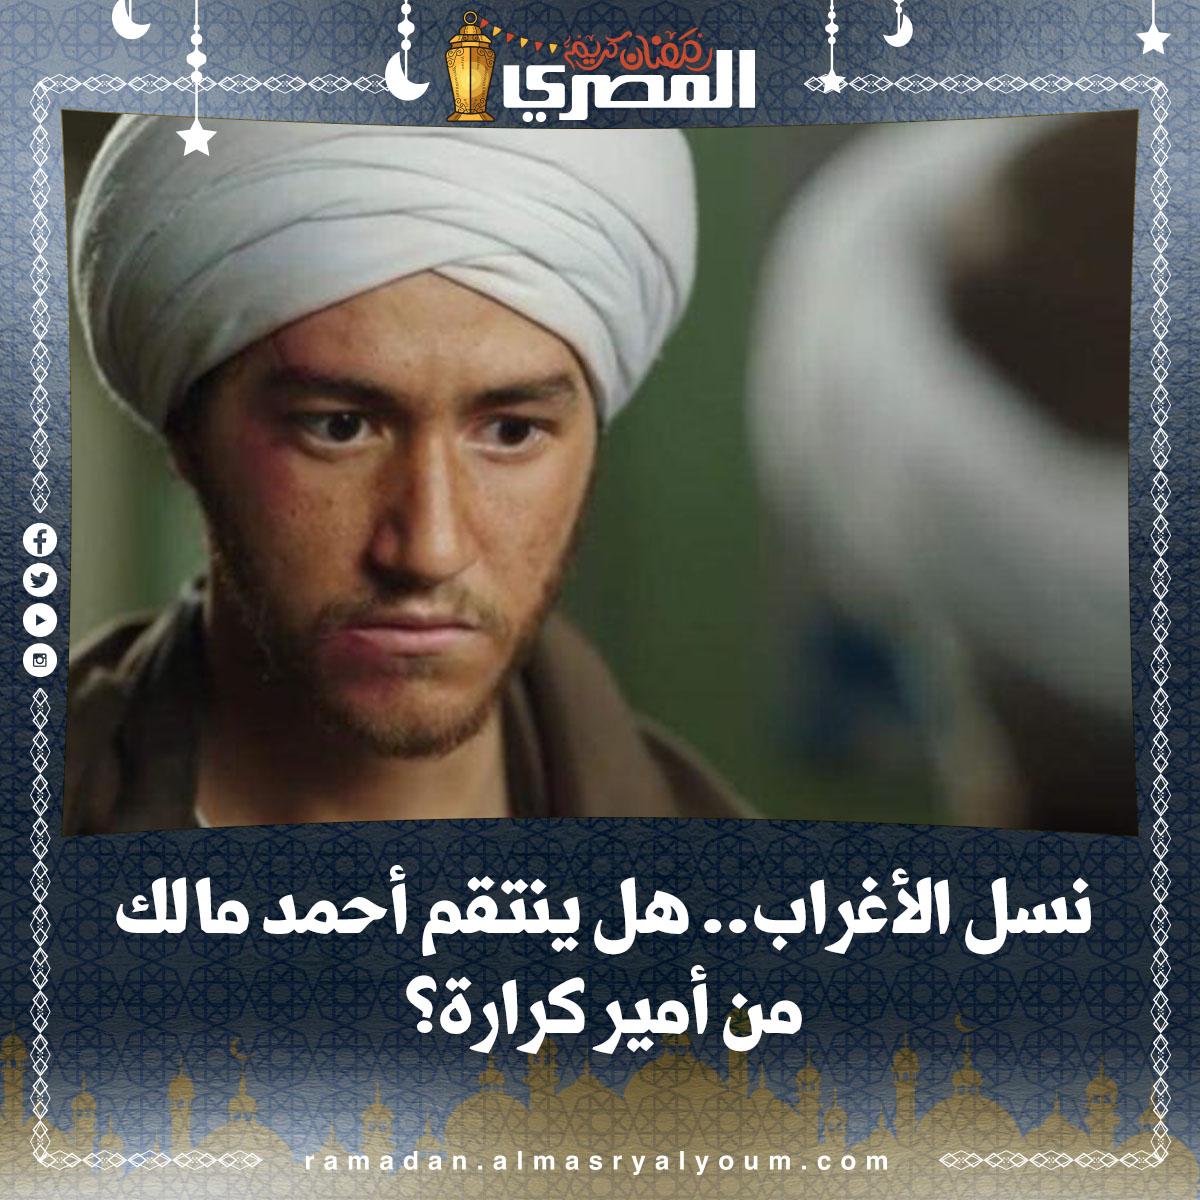 نسل الأغراب.. هل ينتقم أحمد مالك من أمير كرارة؟